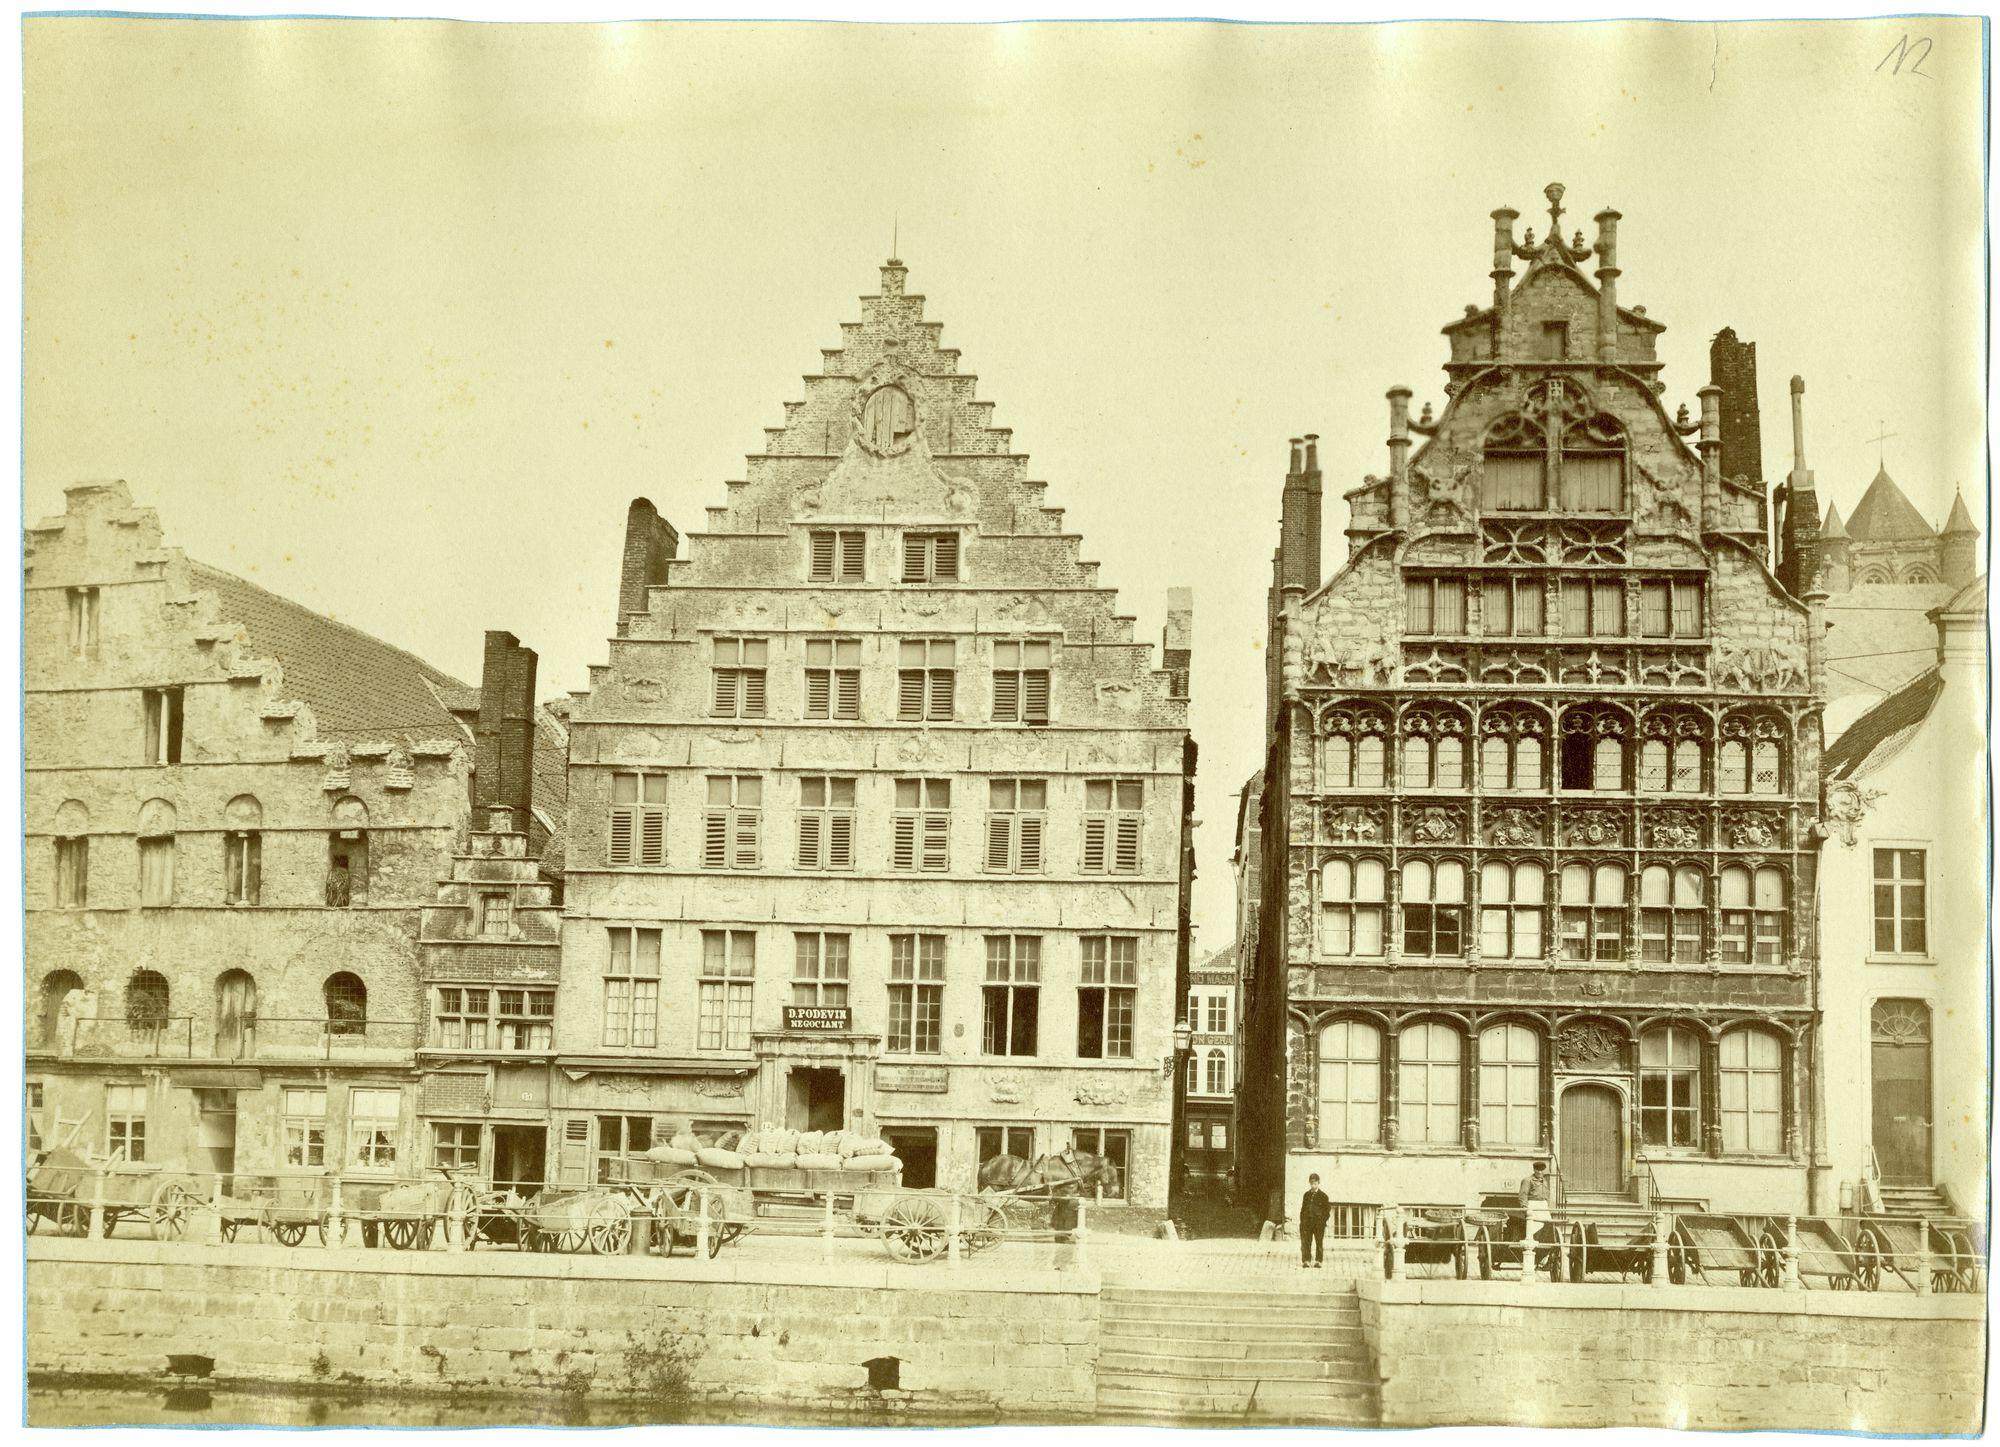 Gent: Graslei, Korenstapelhuis, Tolhuisje, Korenmetershuis, Hazewindstraatje en Huis der Vrije Schippers